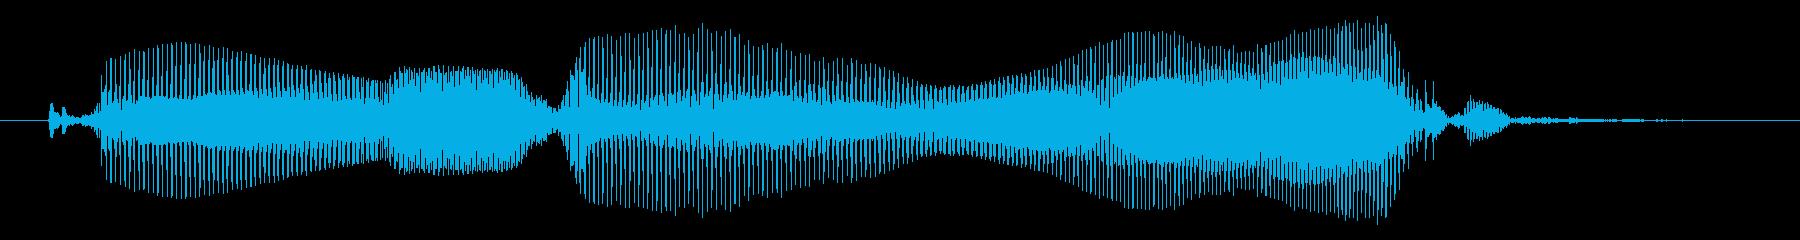 こんばんはの再生済みの波形